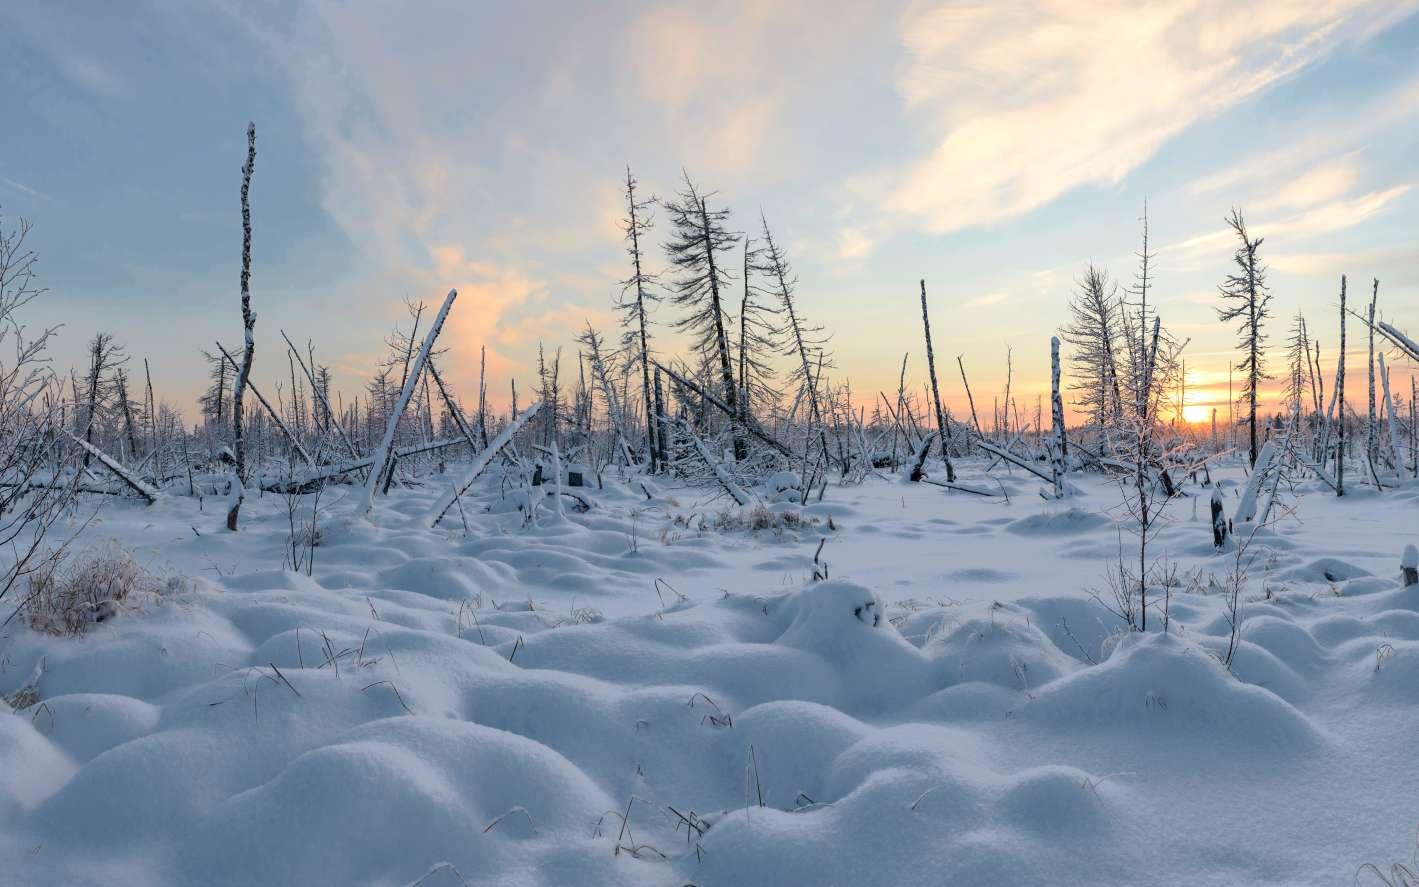 Les plaines de Sibérie étaient couvertes de neige durant les deux tiers de l'année à l'époque où les lions des cavernes occupaient ce territoire. © vladi_mir, Adobe Stock